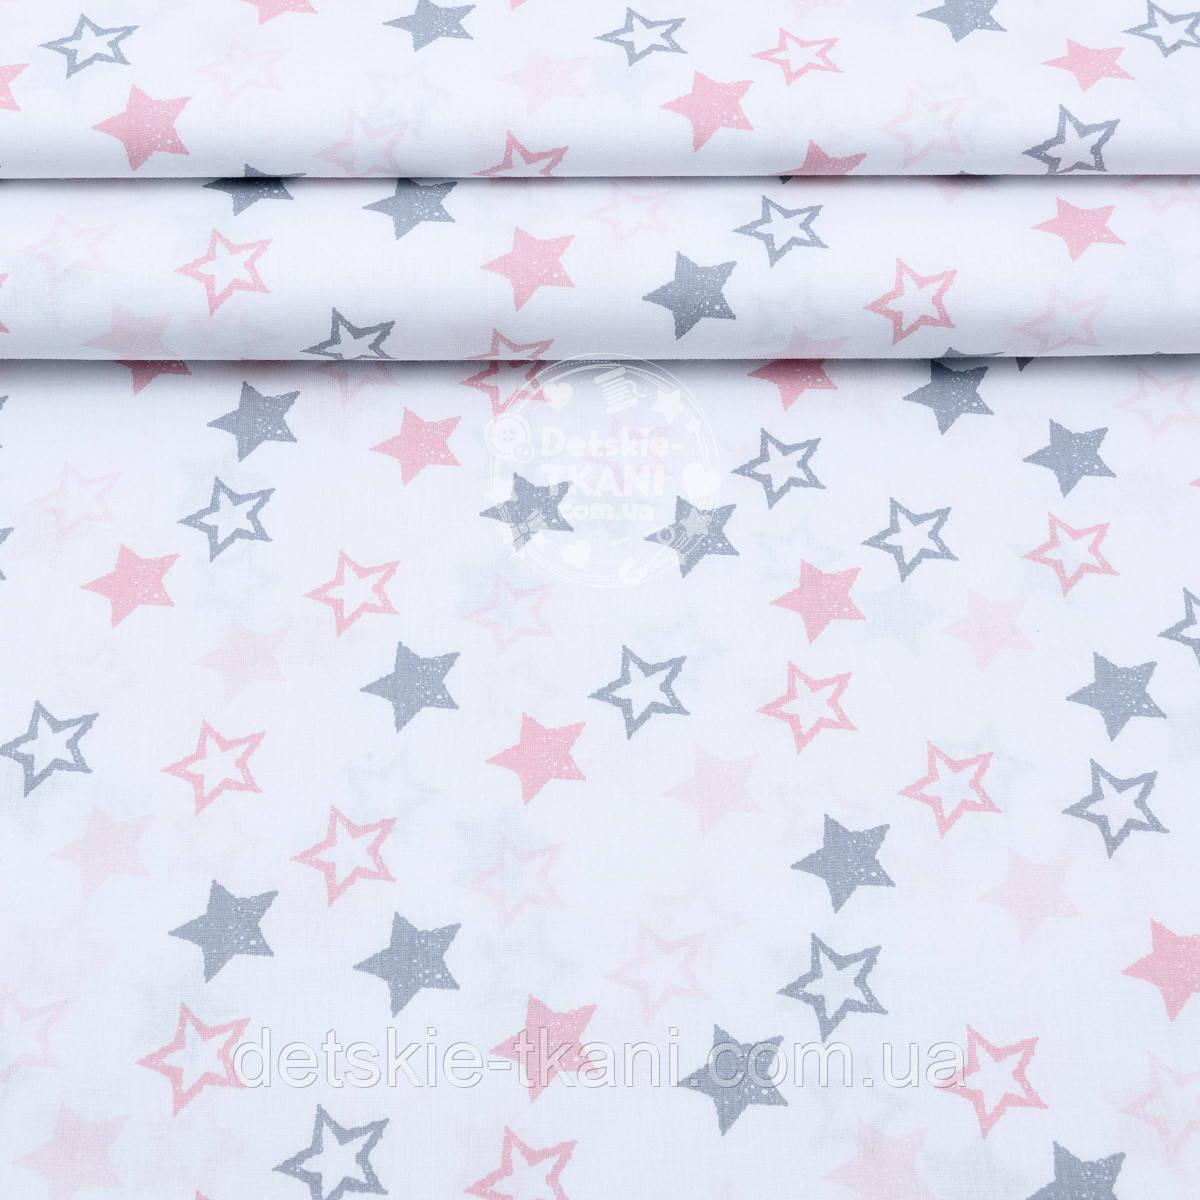 """Поплин шириной 240 см """"Одинаковые звёзды 25 мм"""" пудрово-серые на белом (№1680)"""